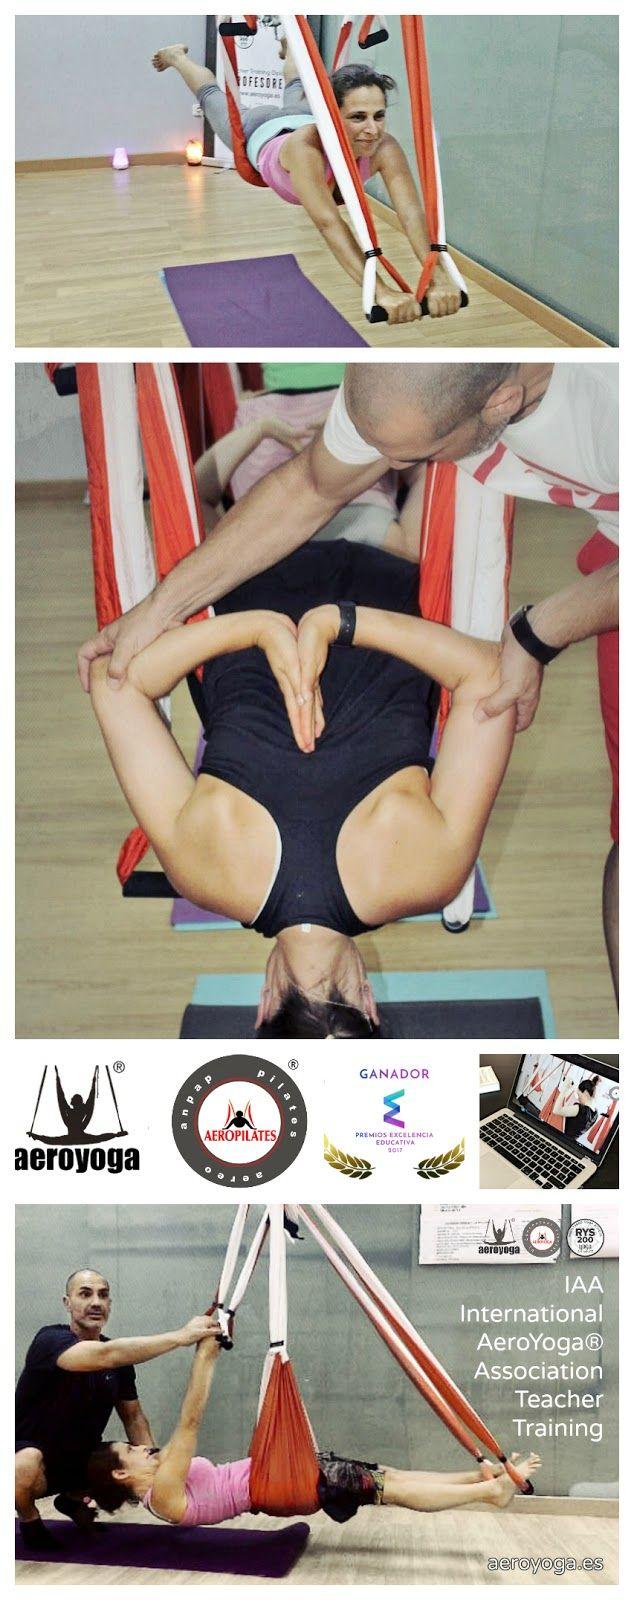 Hamaca Columpio Yoga Hamac AeroYoga® AeroPilates® Yoga Swing, Pilates Columpio, pilates aerien, aerial pilates, airpilates #AEROYOGA #AEROPILATES #WELOVEFLYING #airyoga #yogaaereo #aeroyogacursos #aeropilatescursos #aerialyoga #aerialpilates #teachertraining #formacion #profesional #ejercicio #columpio #tendencias #deporte #meditacion #bienestar #wellness #salud #medicina #fisioterapia #escuelas #rafaelmartinez